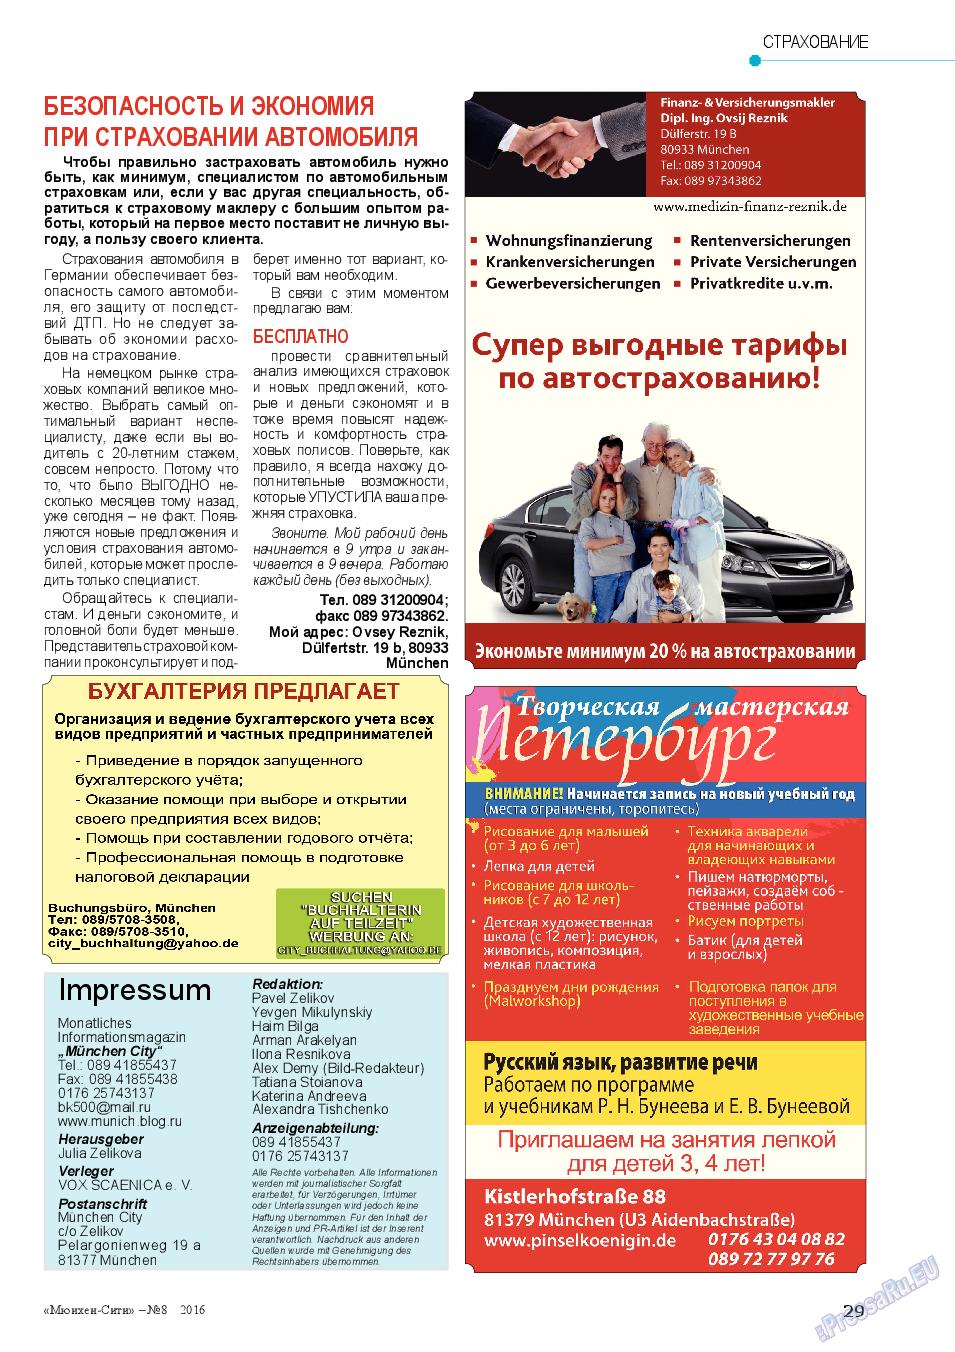 Мюнхен-сити (журнал). 2016 год, номер 8, стр. 29